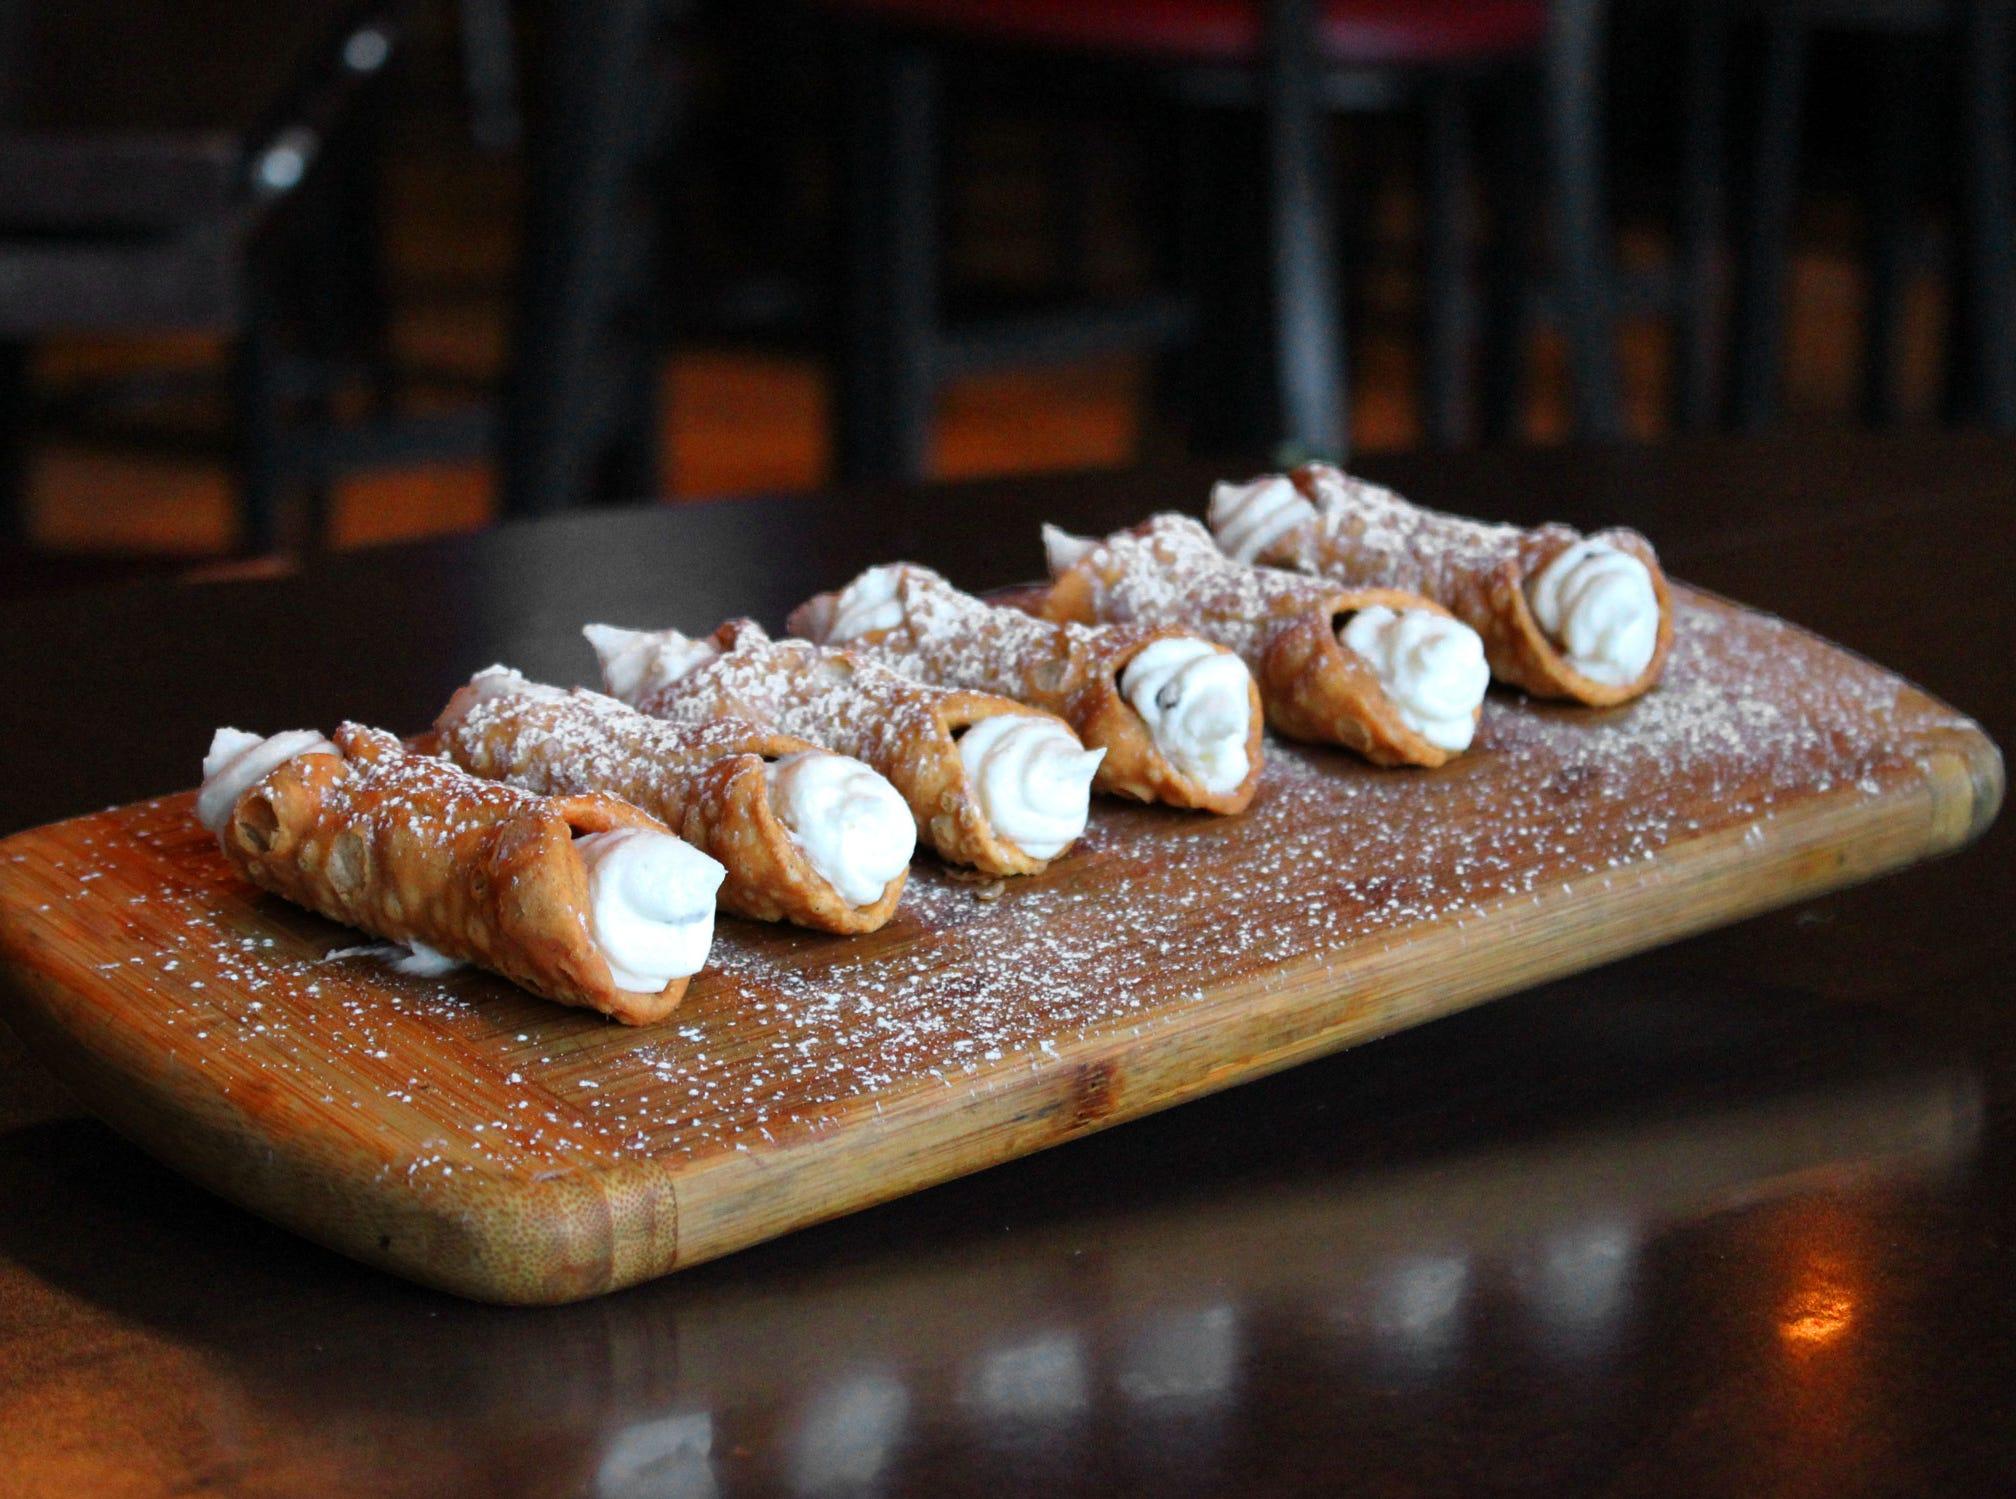 Cannoli at Crust Pizzeria and Italian Restaurant.